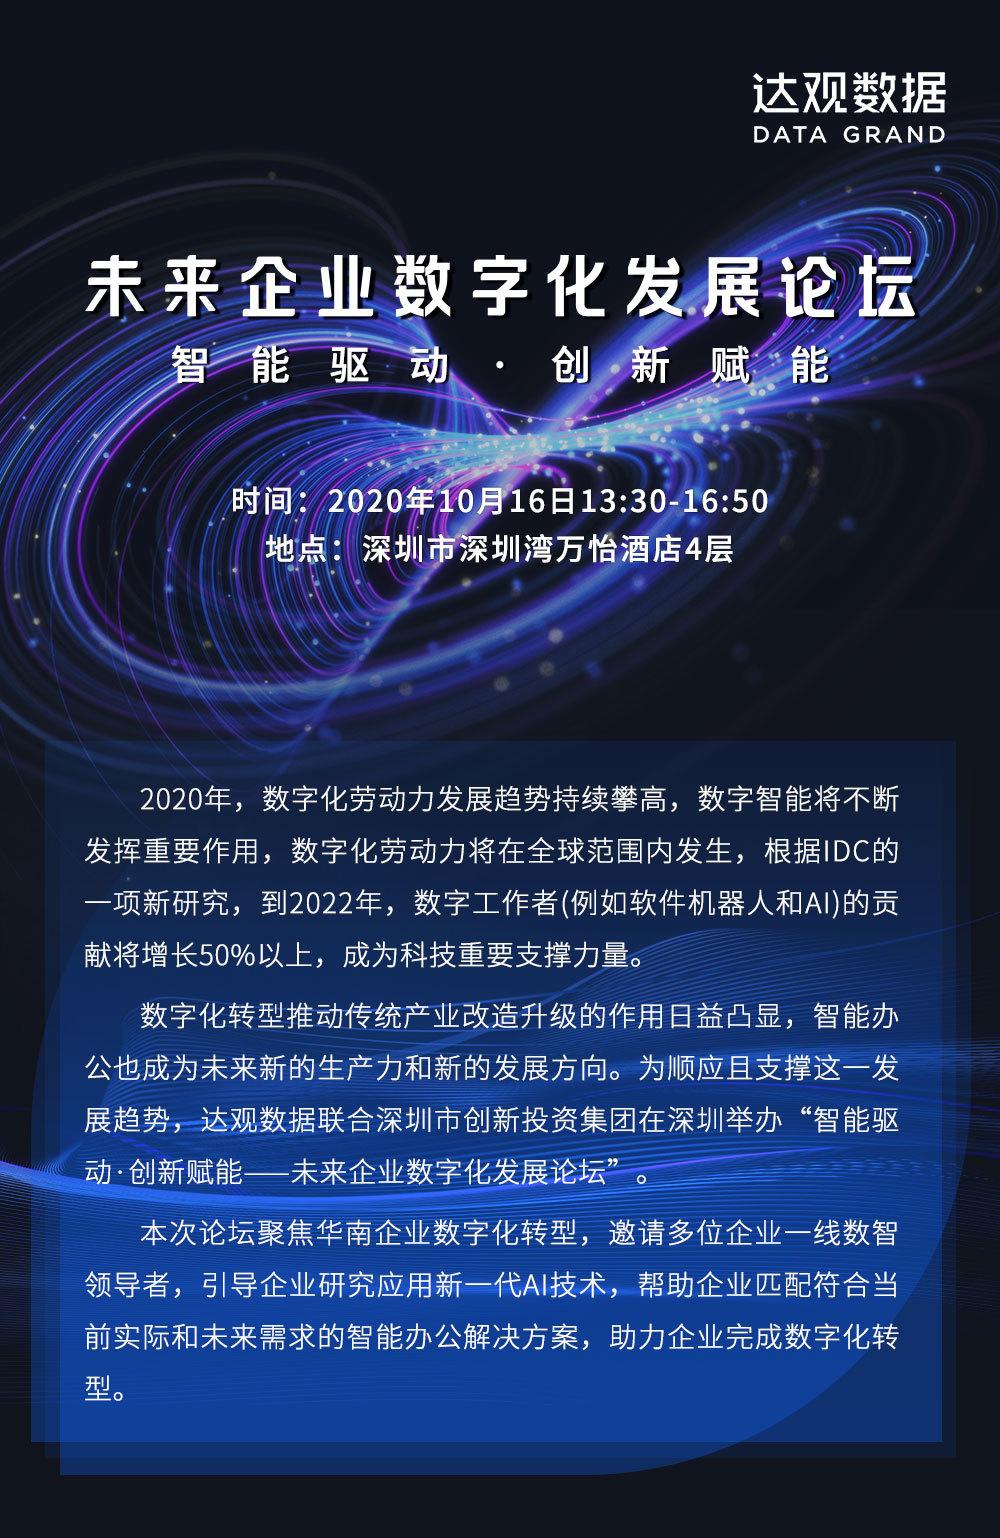 达观-【数字化转型论坛】达观数据2020未来企业数字化发展论坛开启报名,10月16日,与你相约深圳!插图